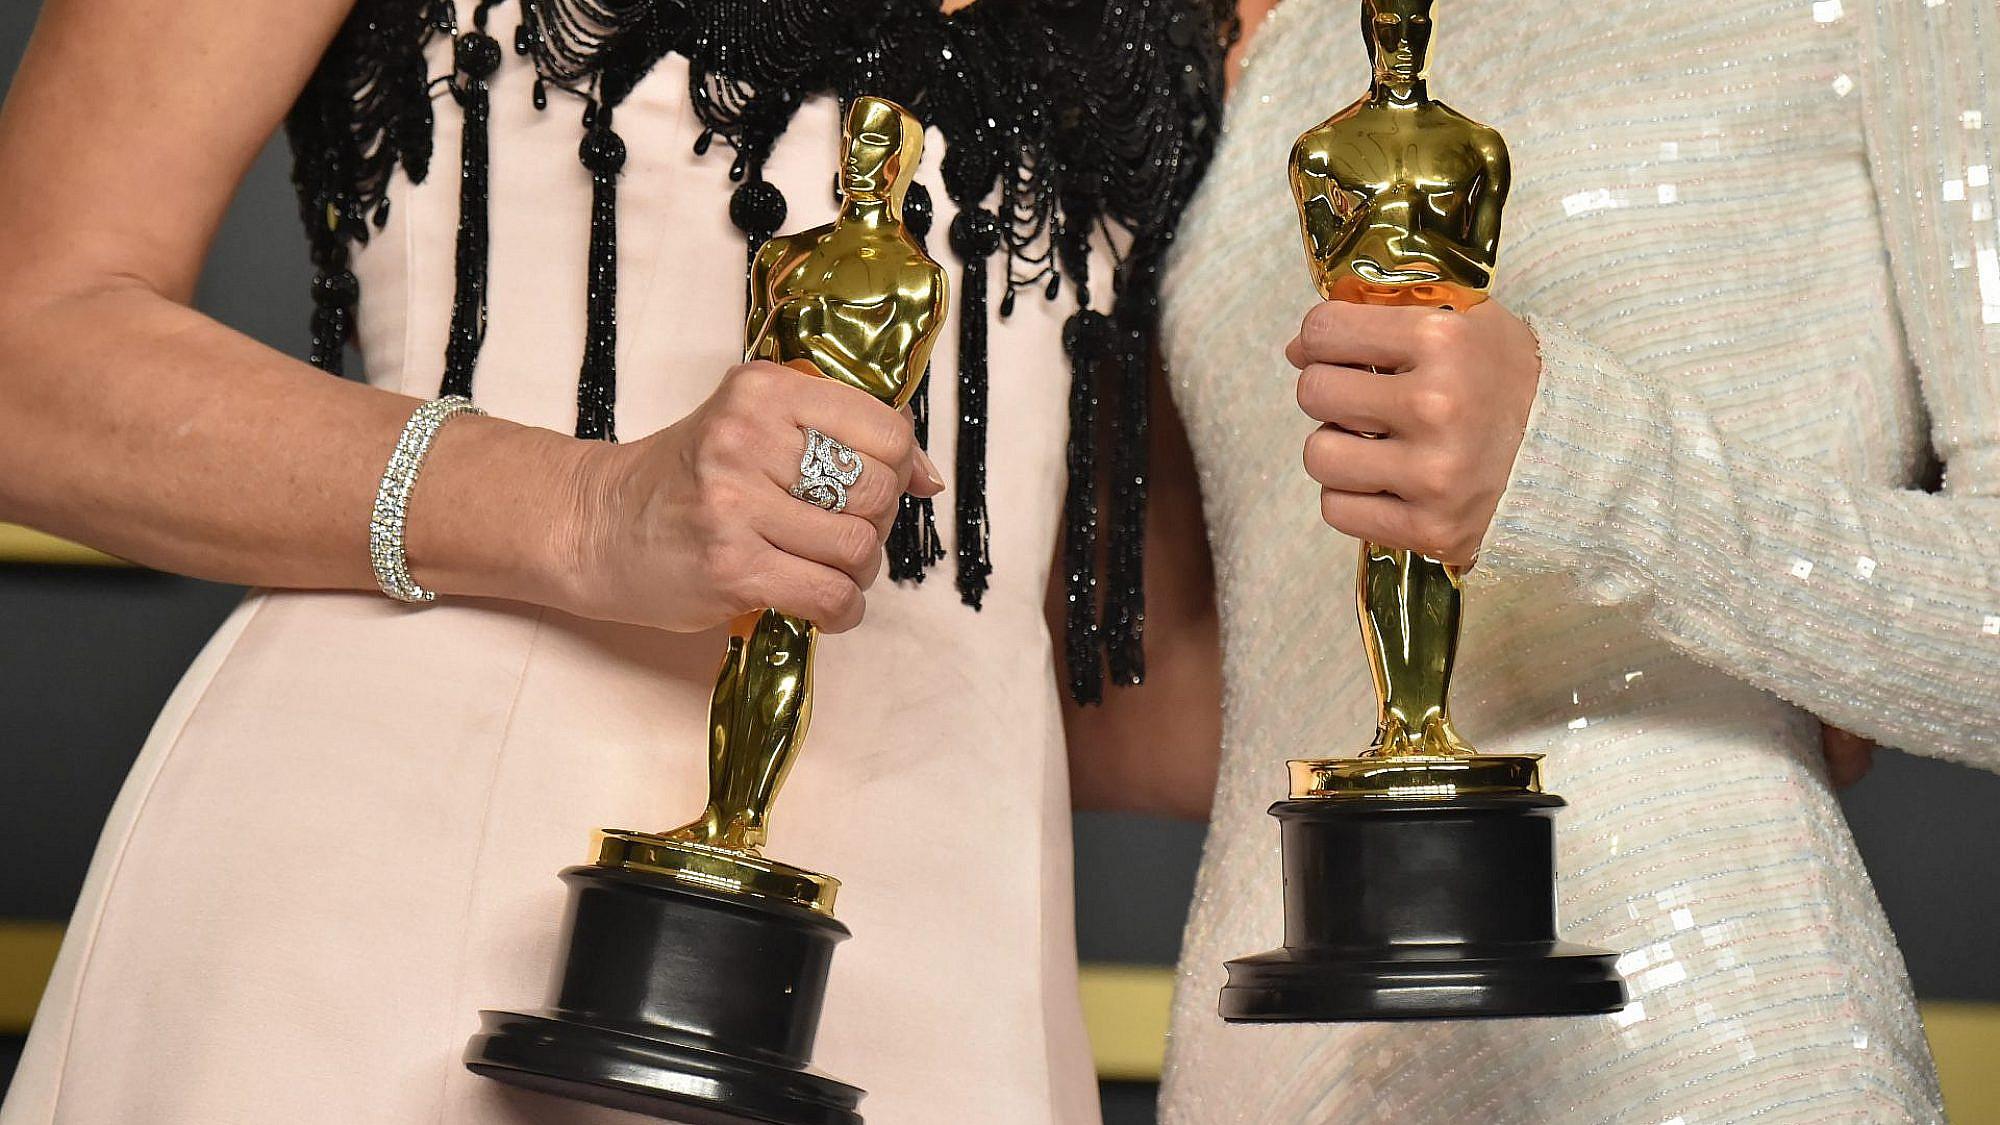 הטקס הוא סרט שמספר את הנרטיב של הוליווד על עצמה לקהל הרחב (צילום: ג'ף קרביץ\גטי אימג'ס)